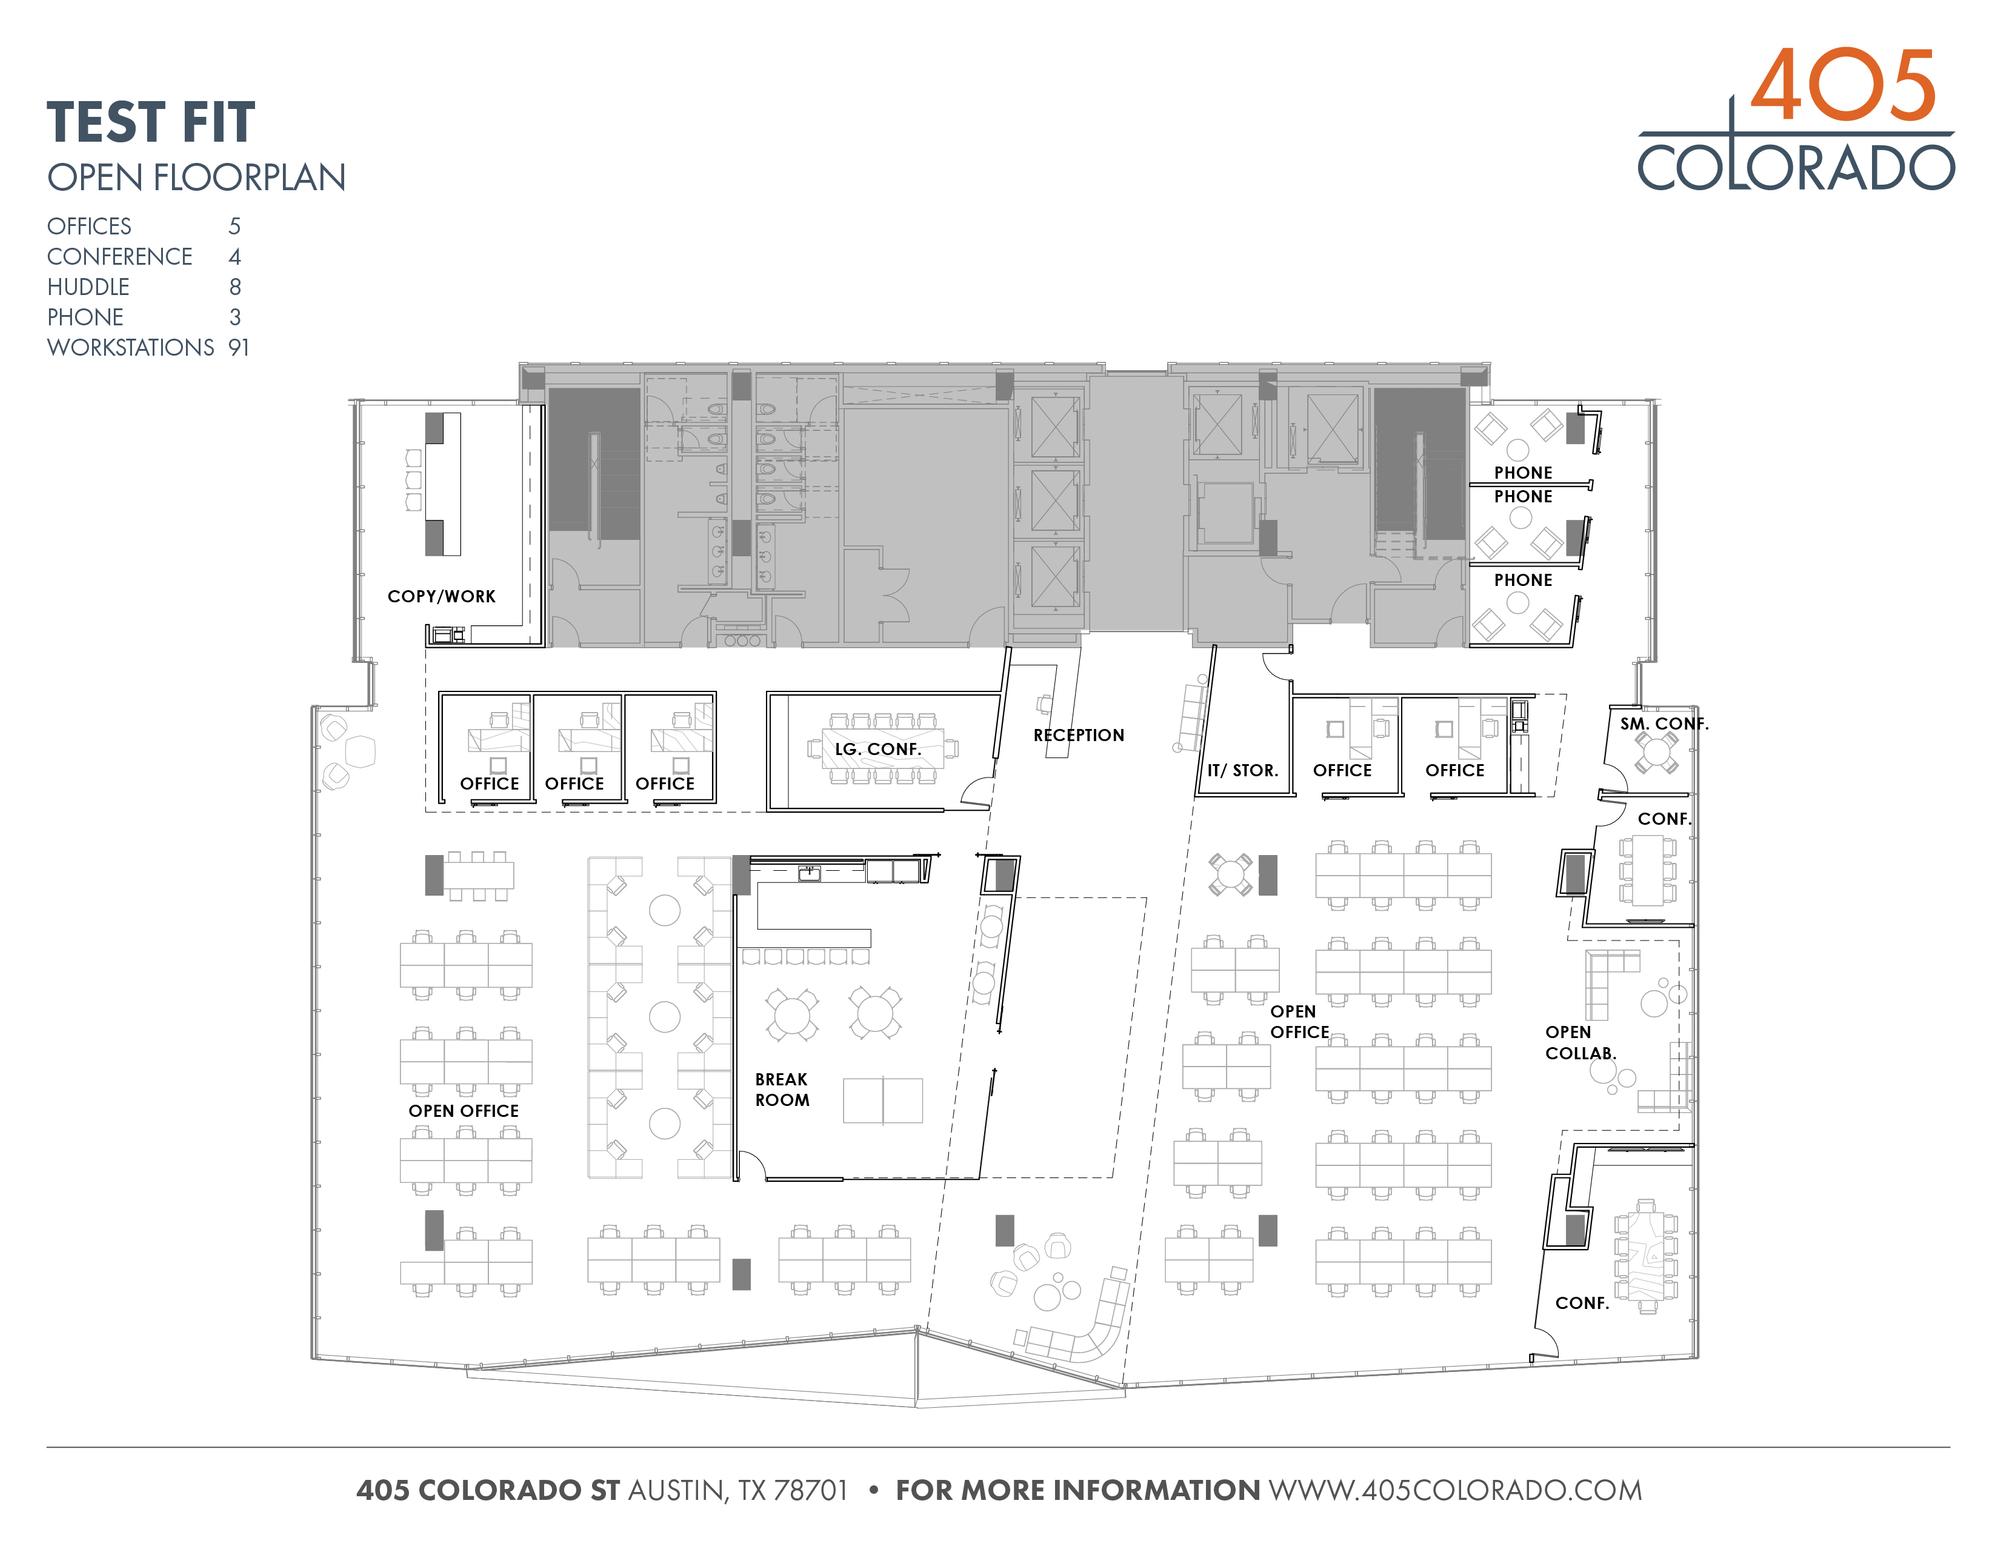 405 Colorado - OpenTest Fit- 2018-01.jpg